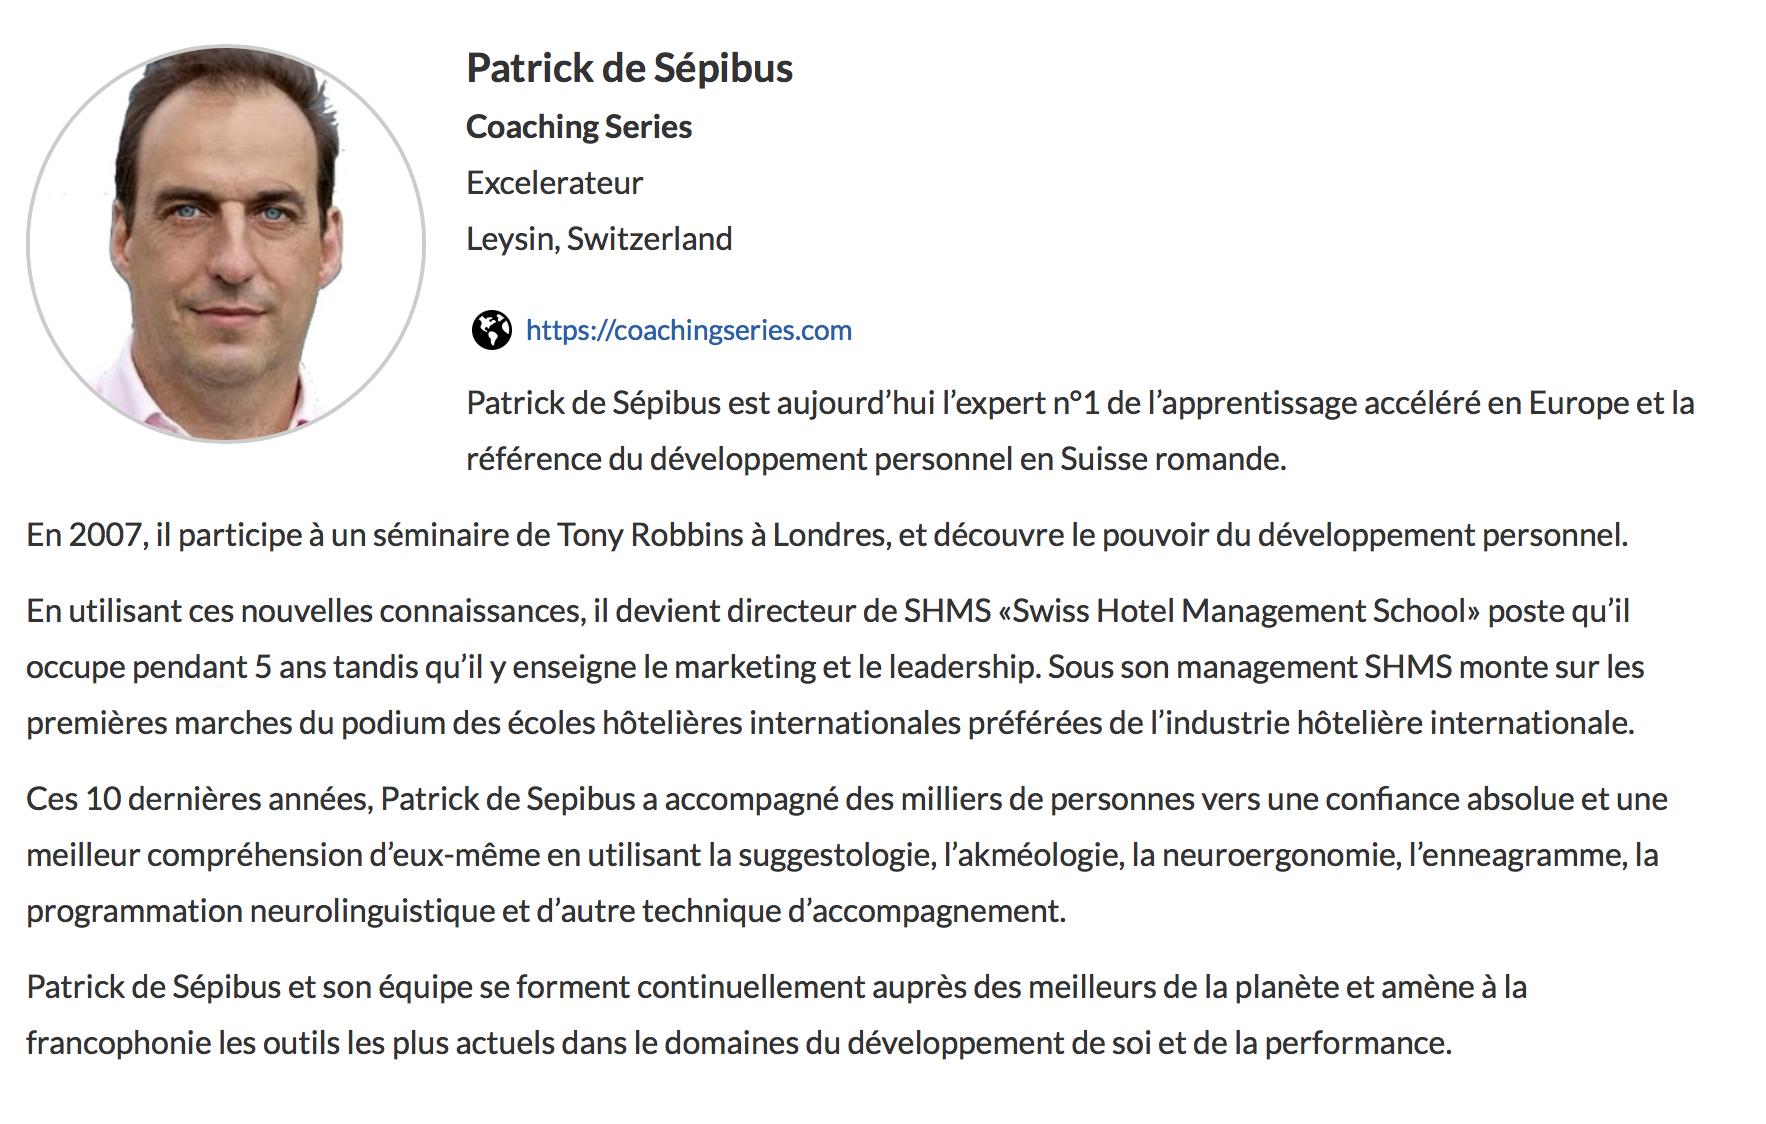 Patrick de Sépibus